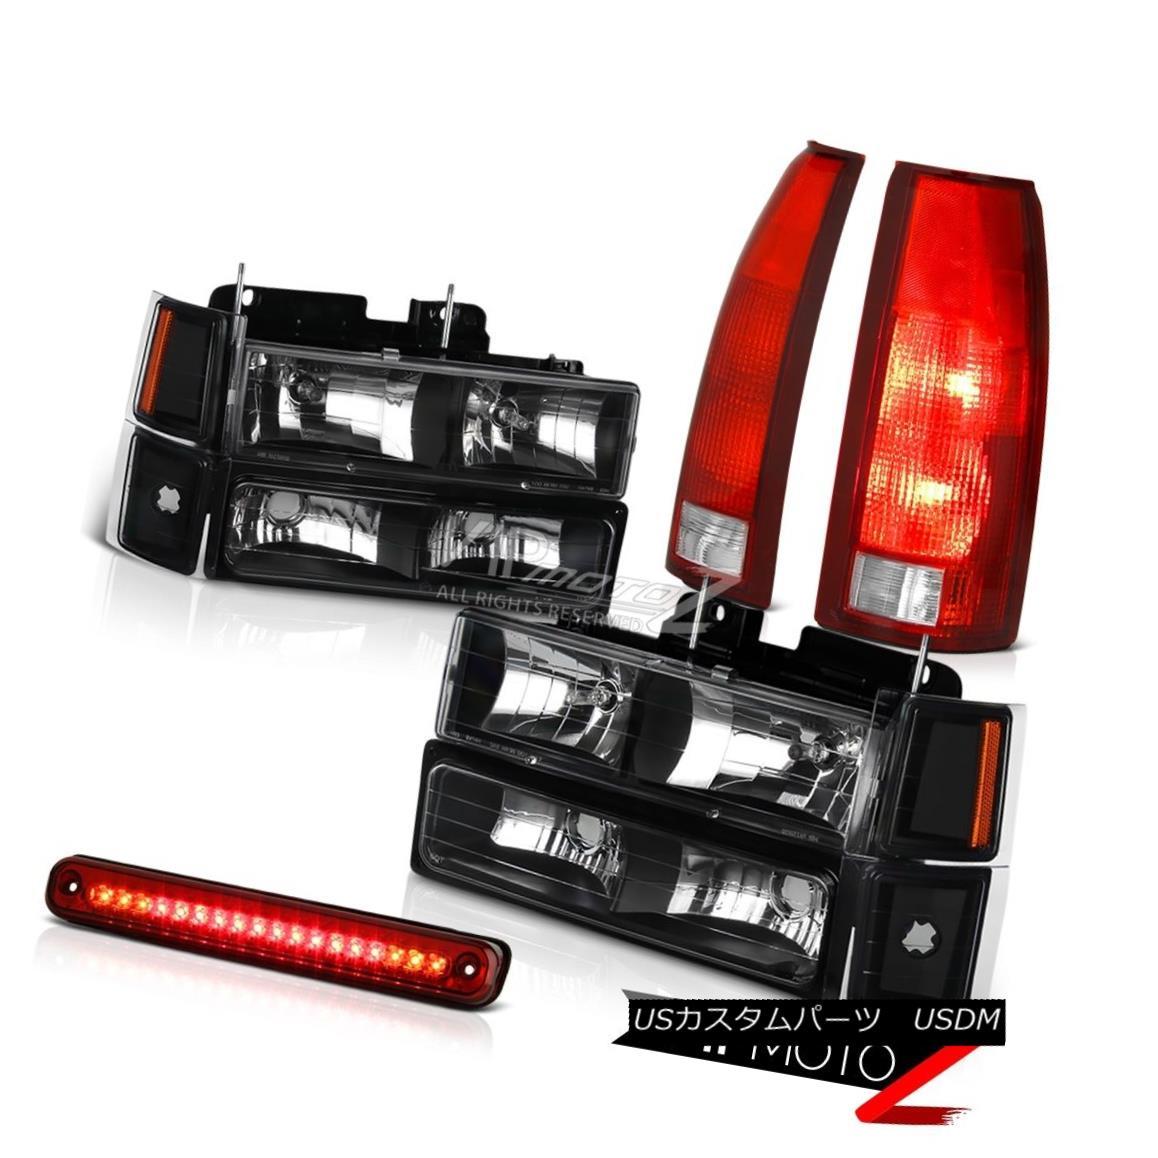 ヘッドライト 94-98 Chevy K2500 Red Clear 3RD Brake Lamp Taillights 8Pcs Headlight Combo LED 94-98シボレーK2500レッドクリア3RDブレーキランプテールライト8個ヘッドライトコンボLED